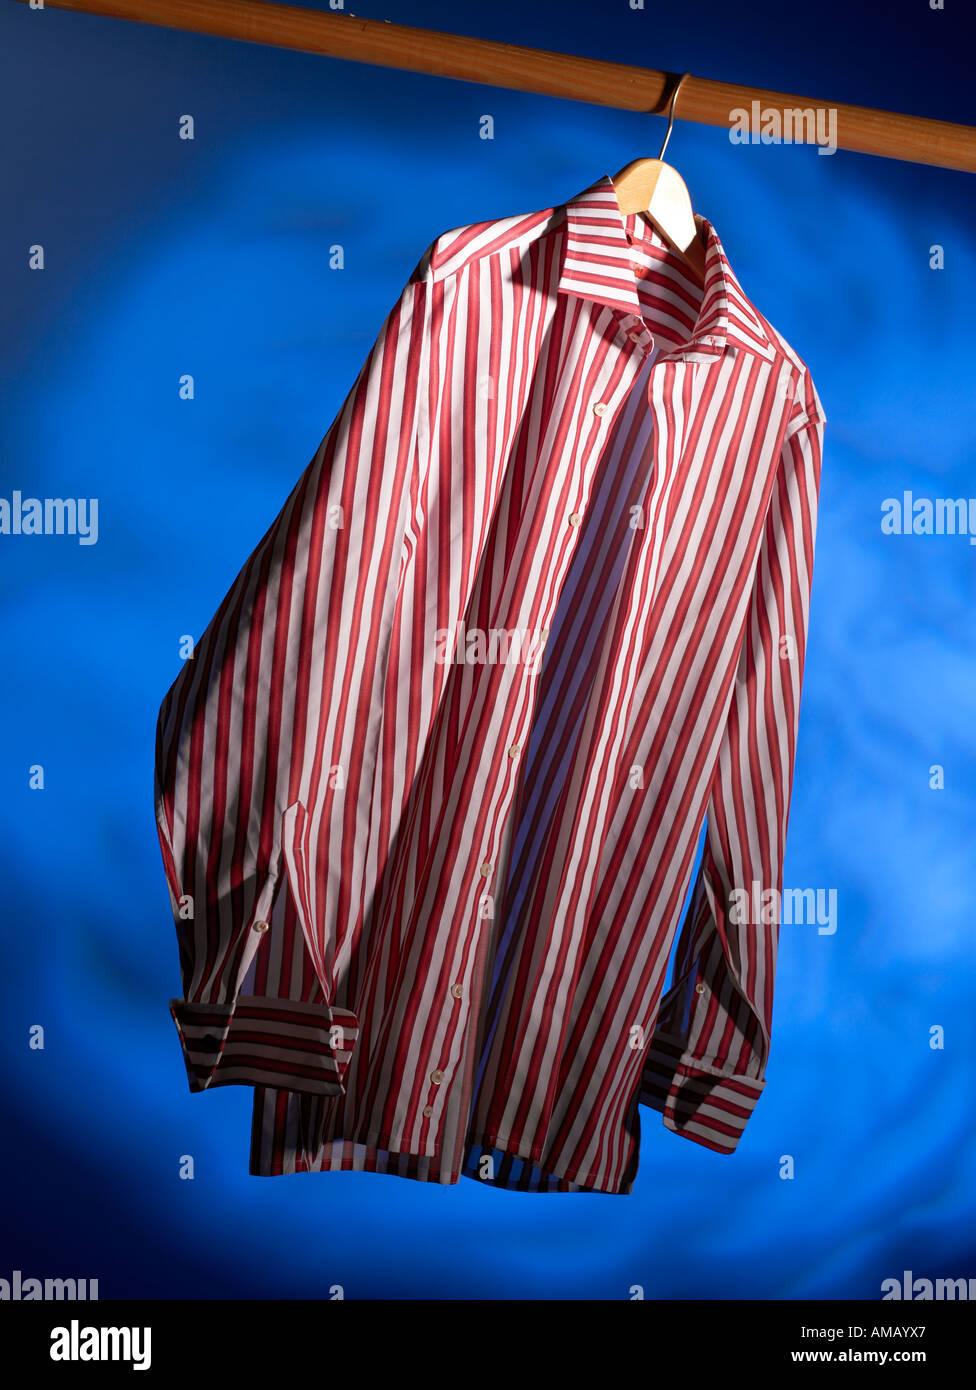 Shirt im Hanger vertikal Stockbild